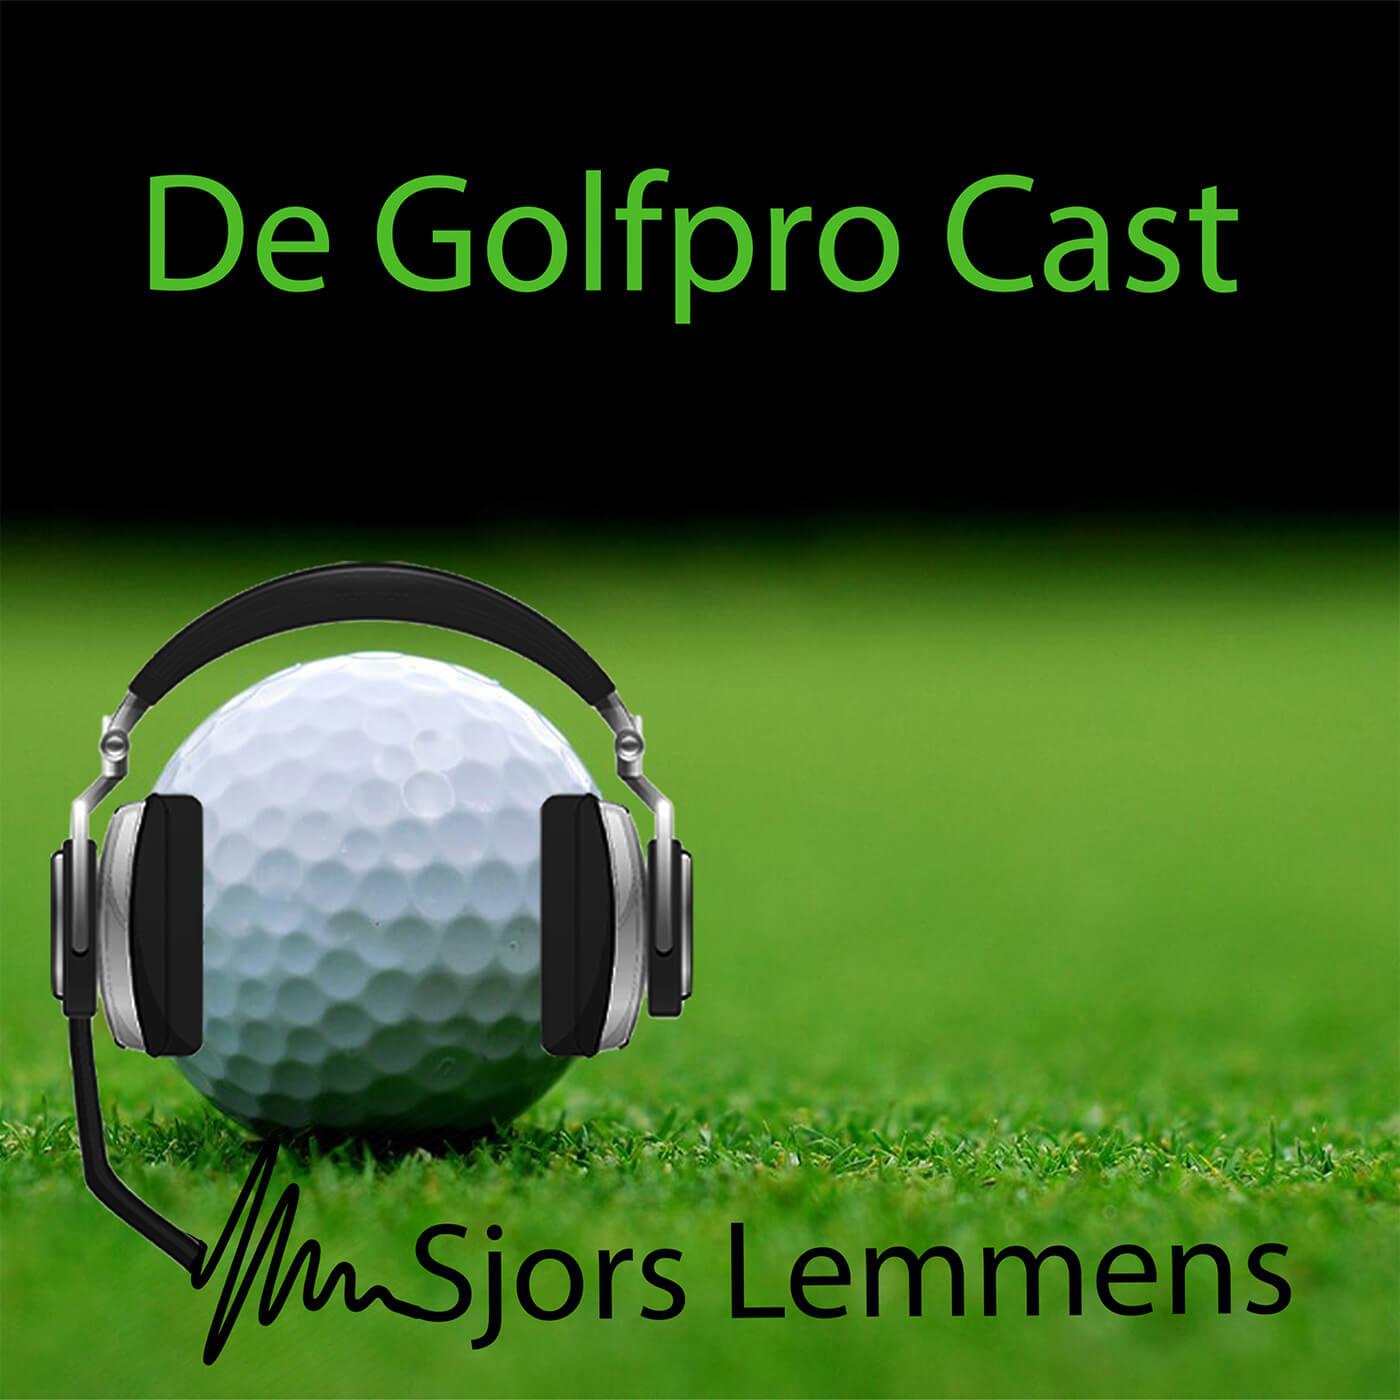 Cover Image De Golfpro Cast